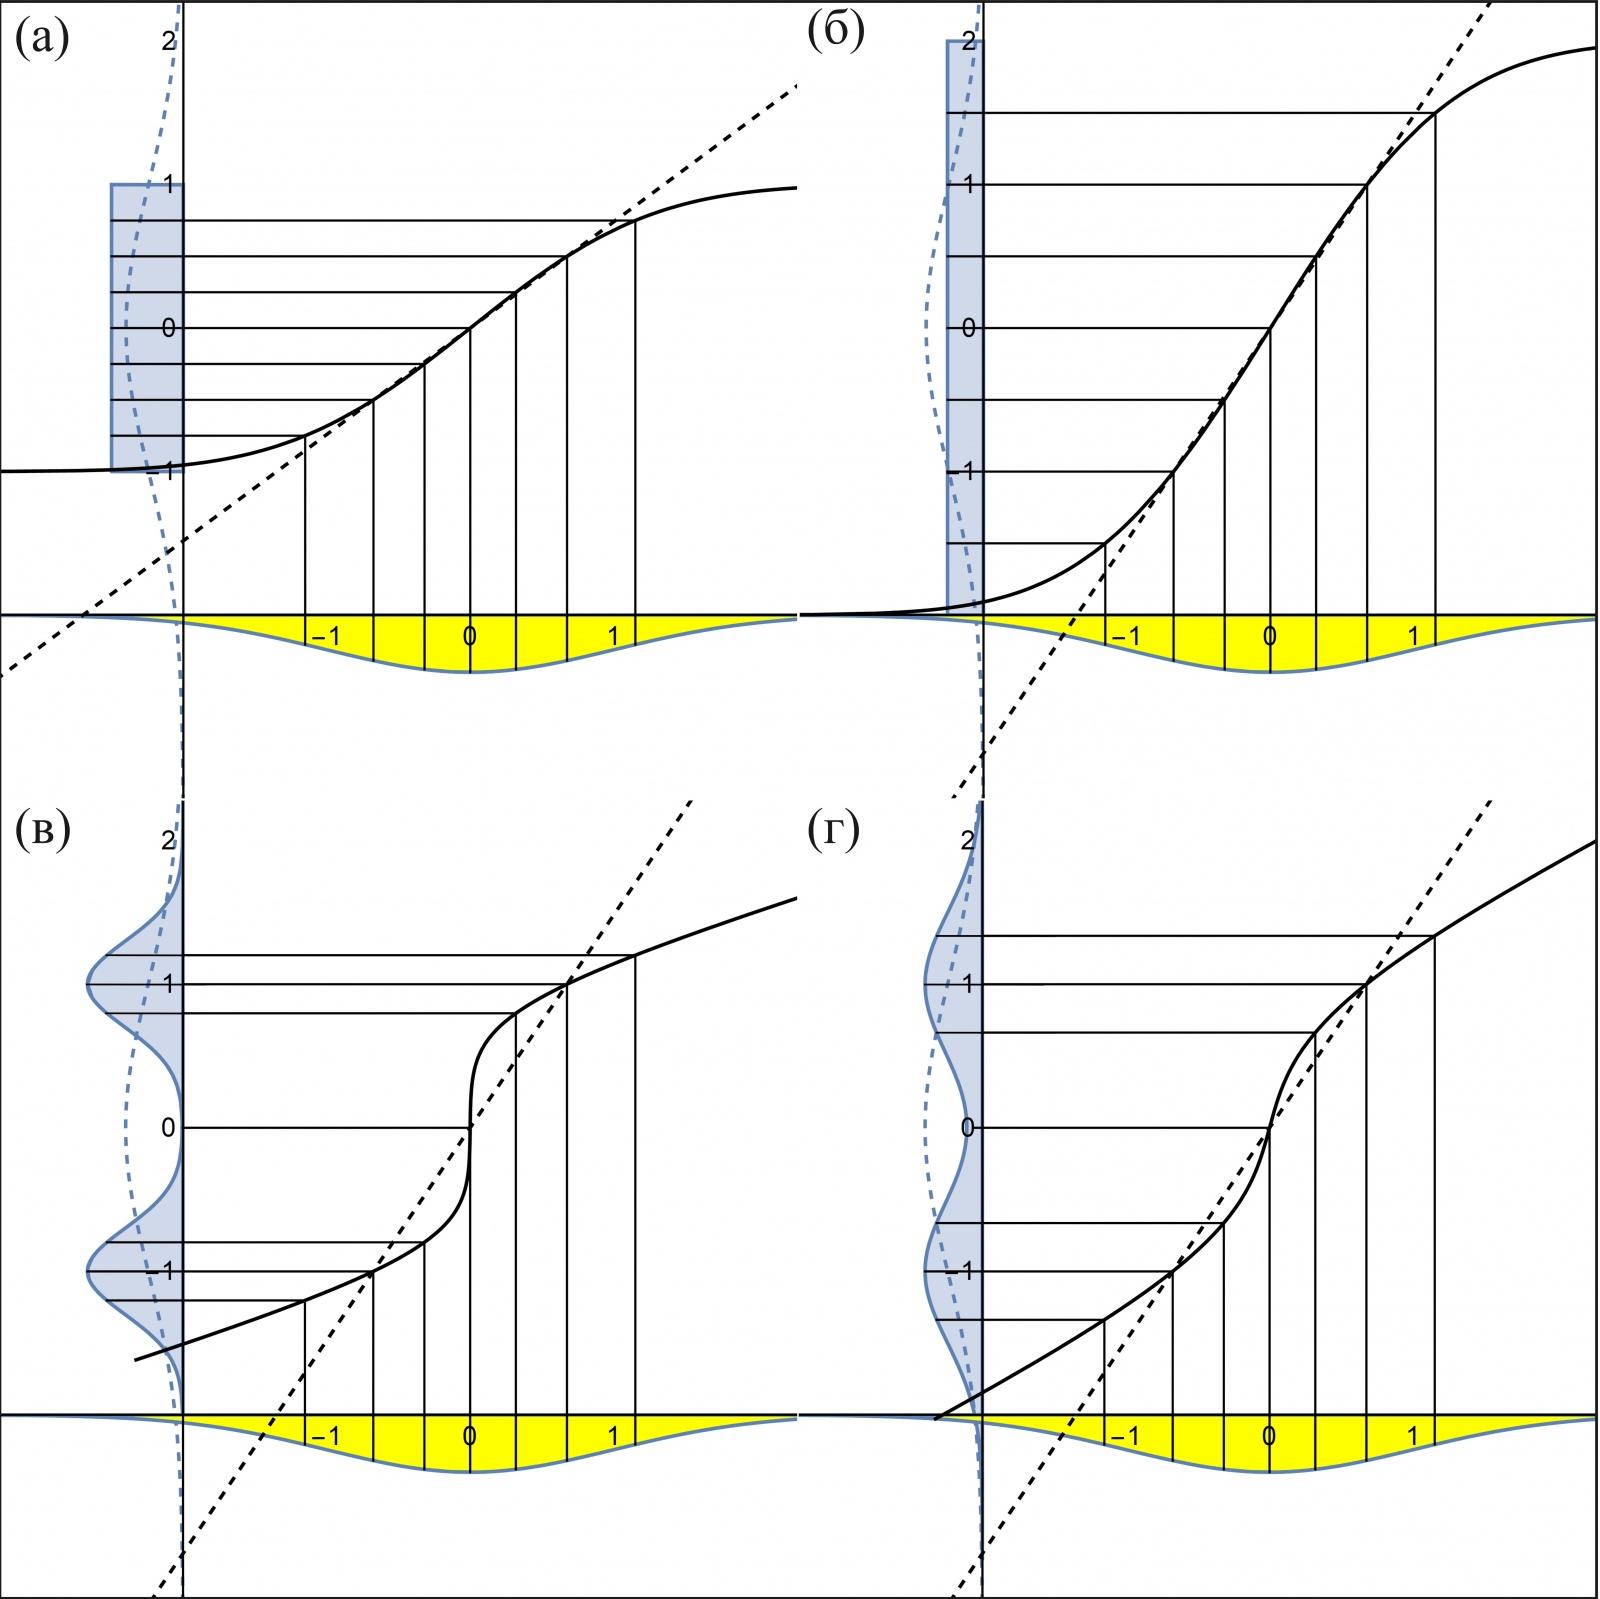 Рис. 8: Зависимость теоретических квантилей (a) равномерного распределения Uniform(-1, 1) (б) равномерного распределение Uniform(-2,2) (в) бимодального распределения из двух нормальных N(-1,0.5) и N(1, 0.5) и (г) бимодального распределения из двух нормальных N(-1, 0.3) и N(1, 0.3) — от теоретических квантилей стандартного нормального распределения N(0, 1)